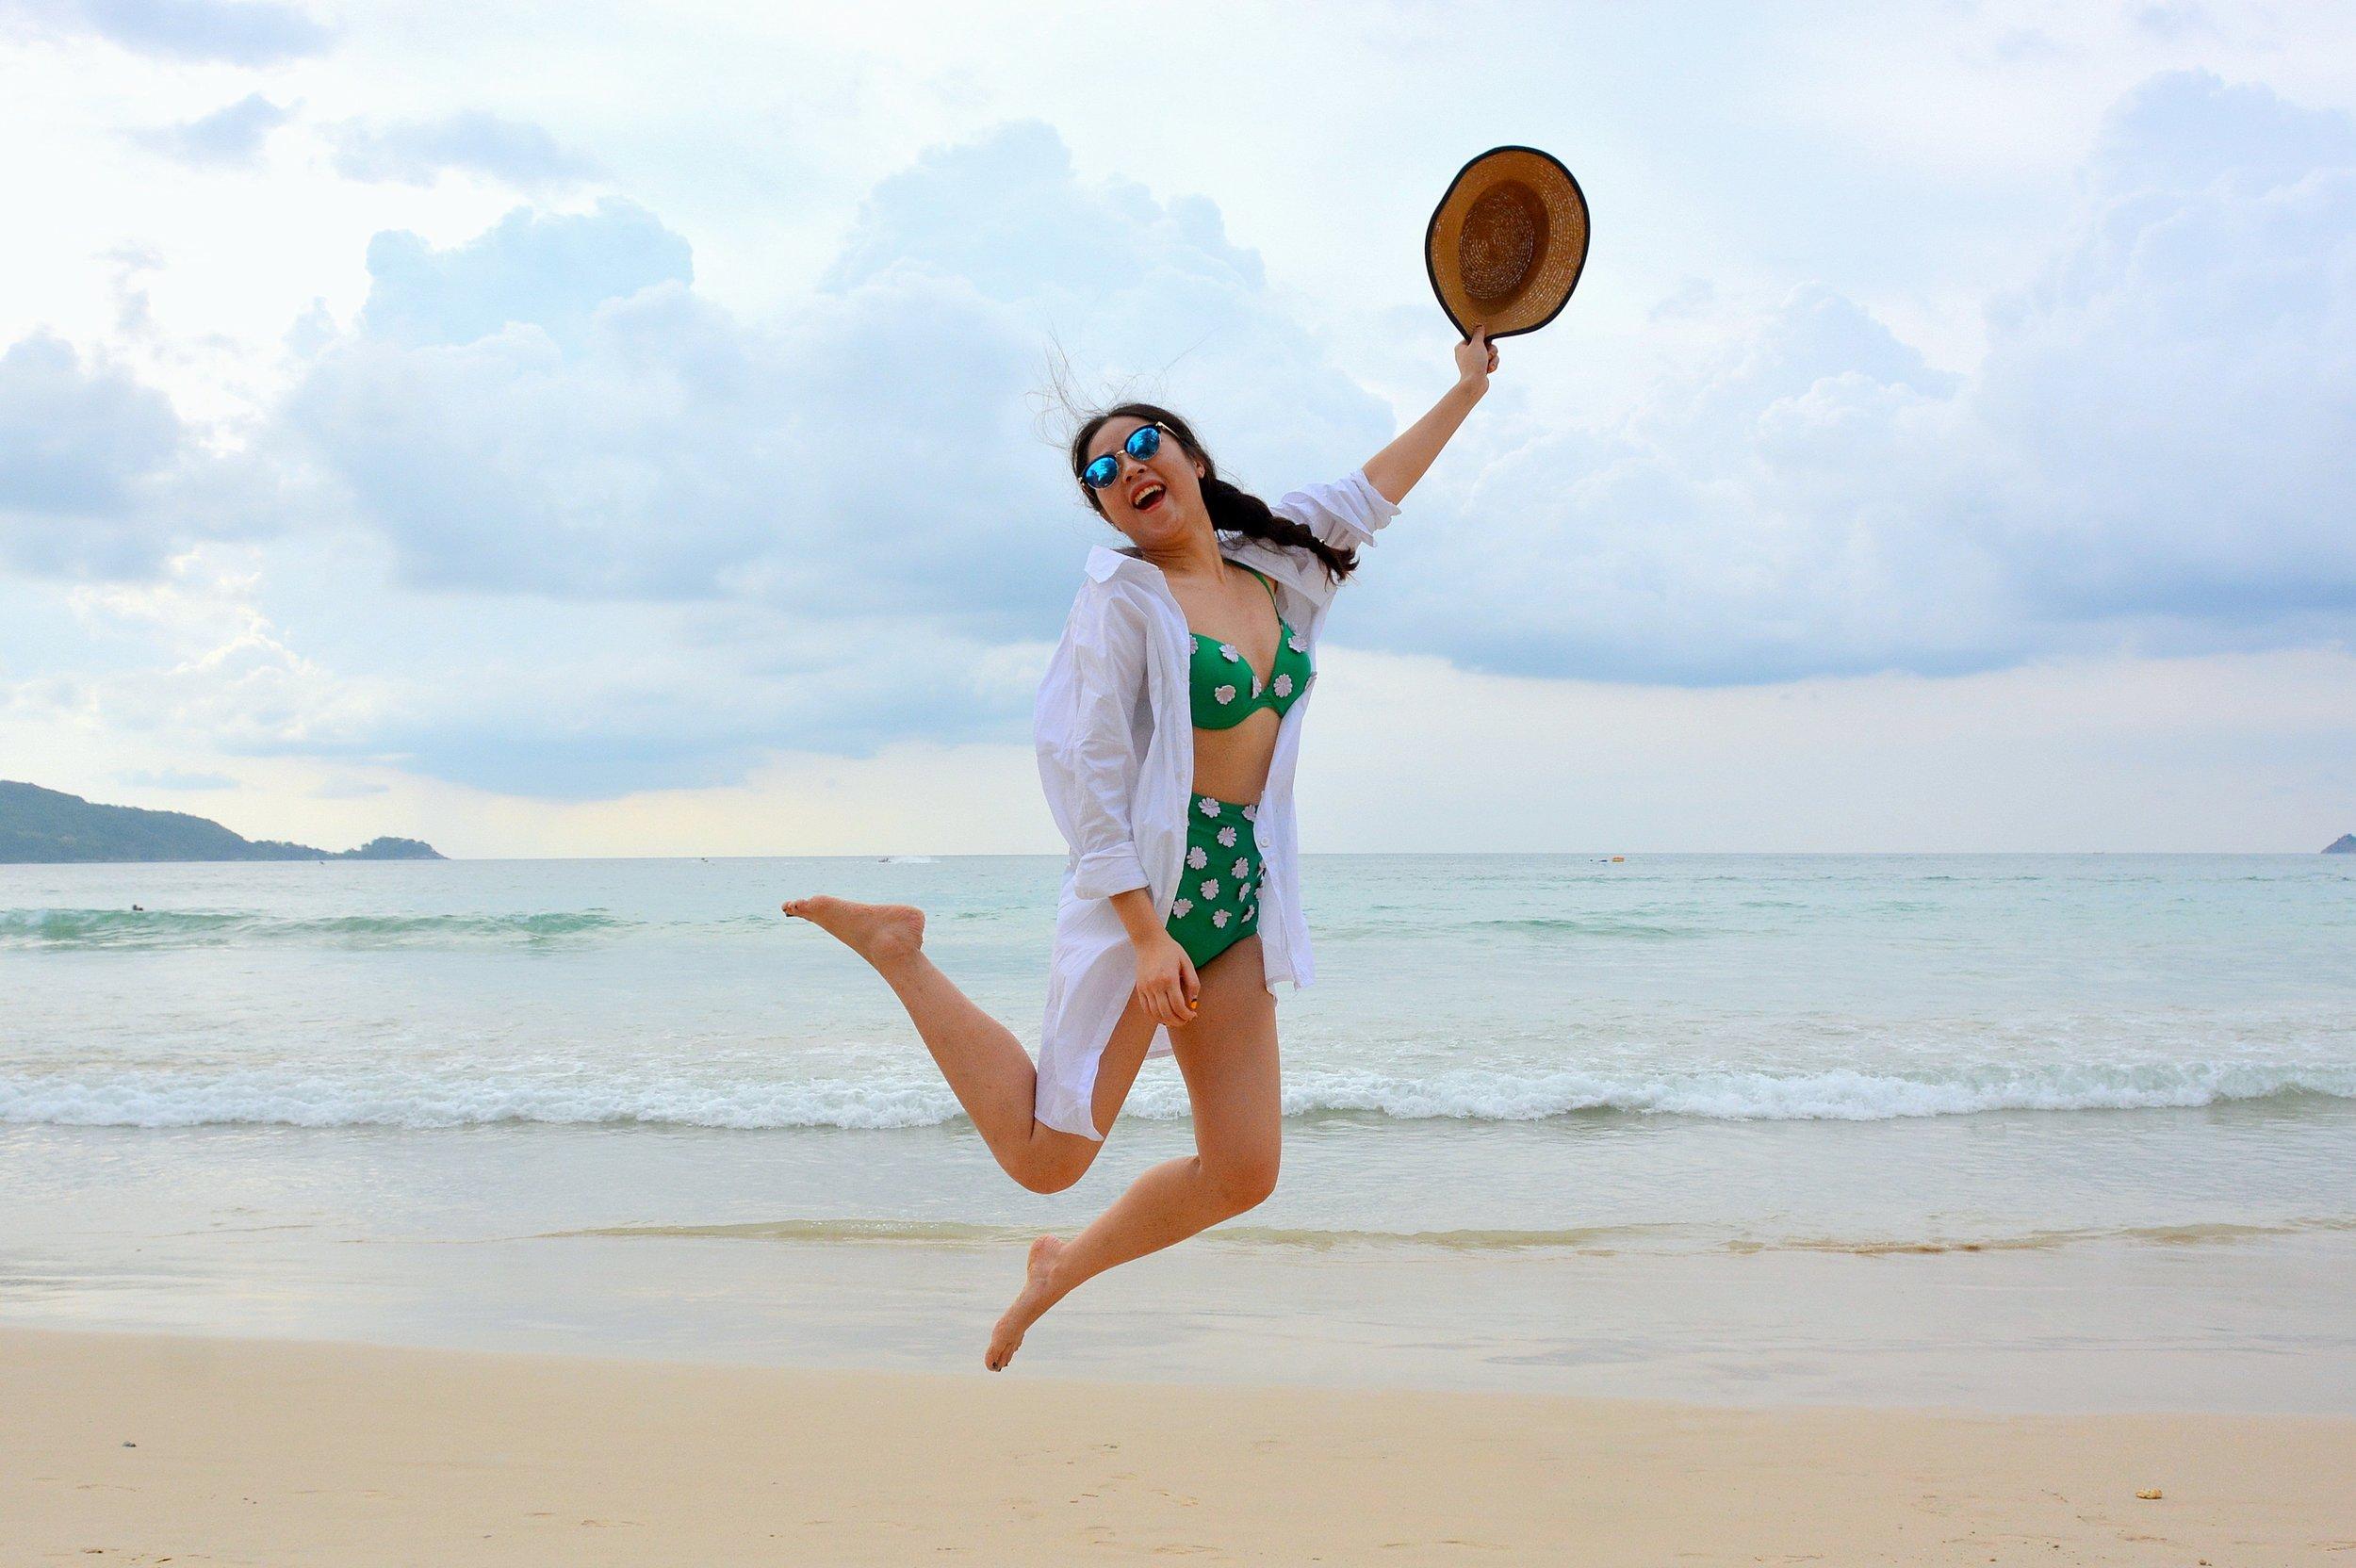 beach-bikini-braided-hair-237593.jpg